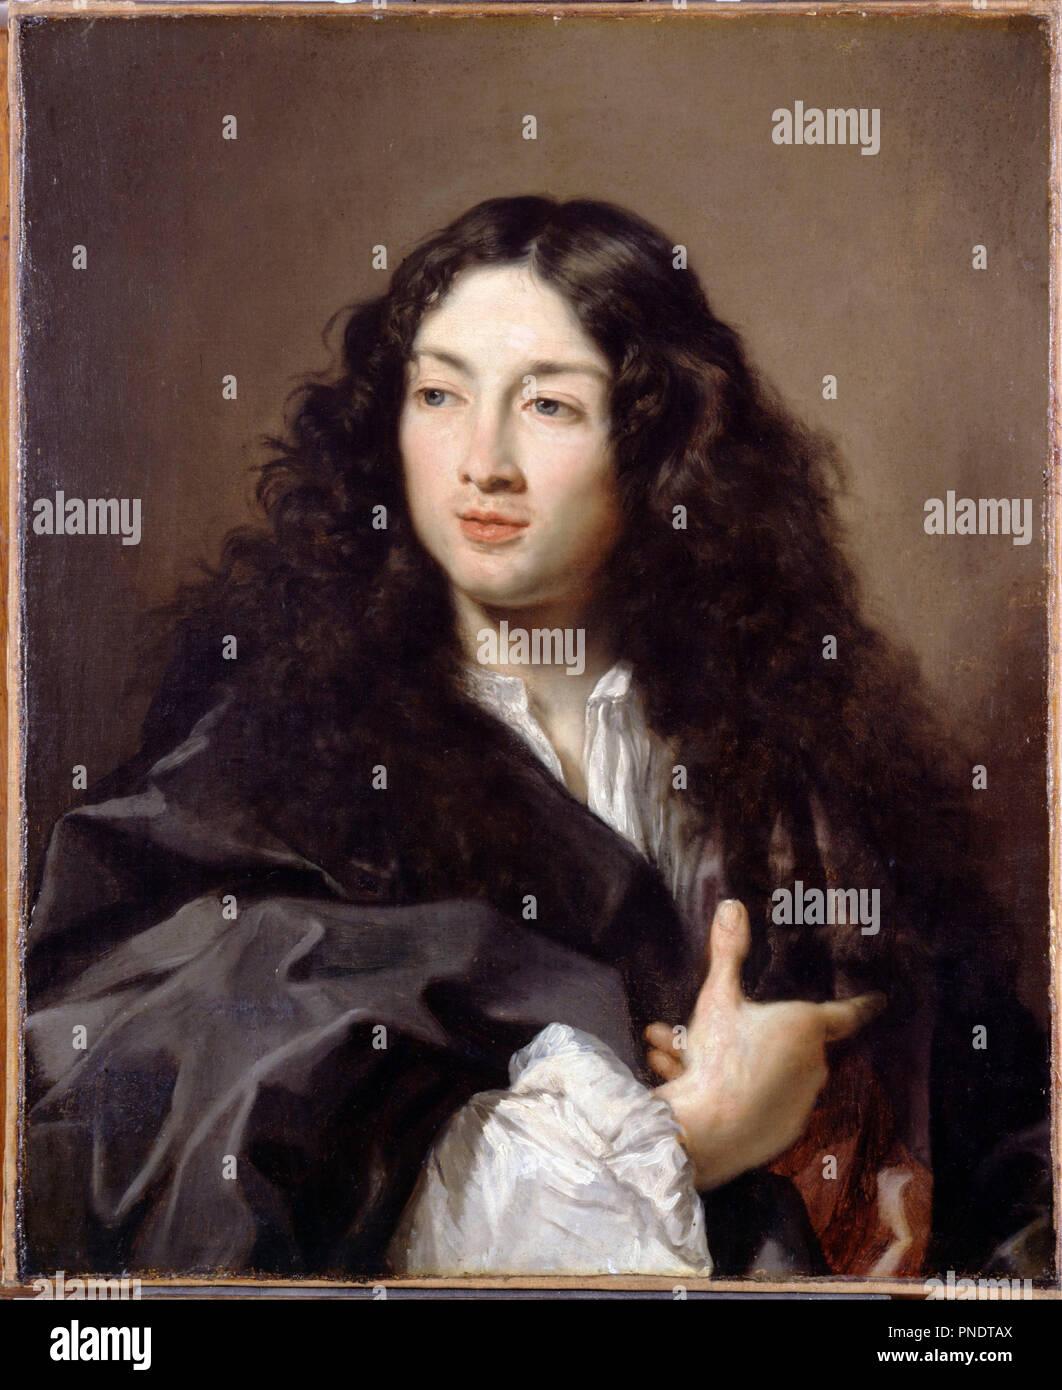 Un homme, appelé Michel Baron. Date/Période: Ca. Années 1670. La peinture. Peinture à l'huile. Largeur: 604 cm. Hauteur: 737 cm. Auteur: CLAUDE LEFEBVRE. Banque D'Images